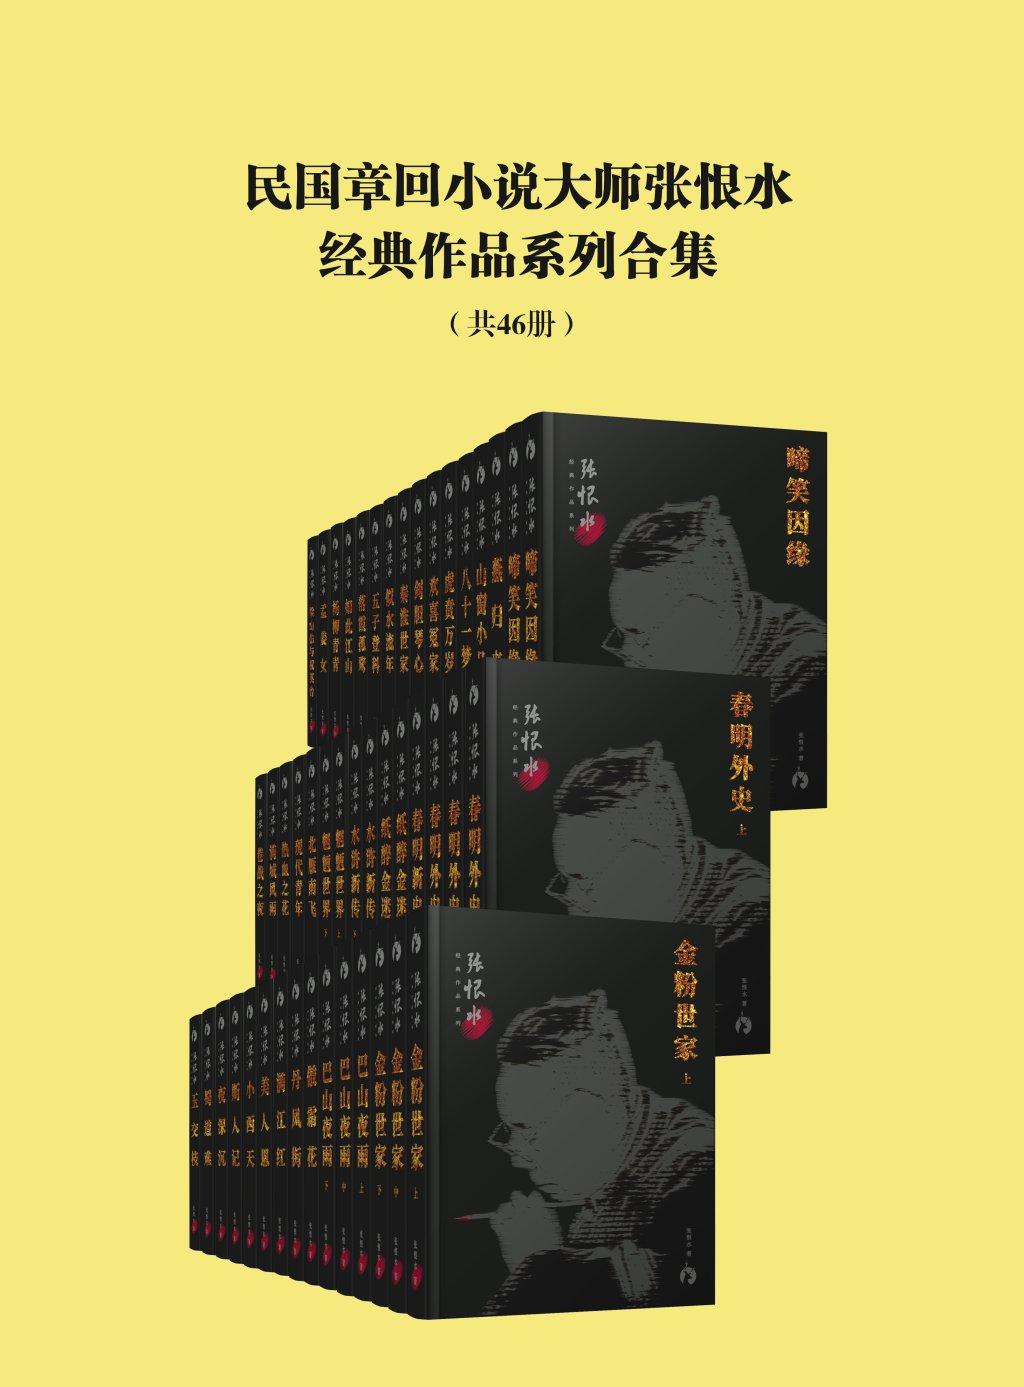 民国章回小说大师张恨水经典作品系列合集(共46册)